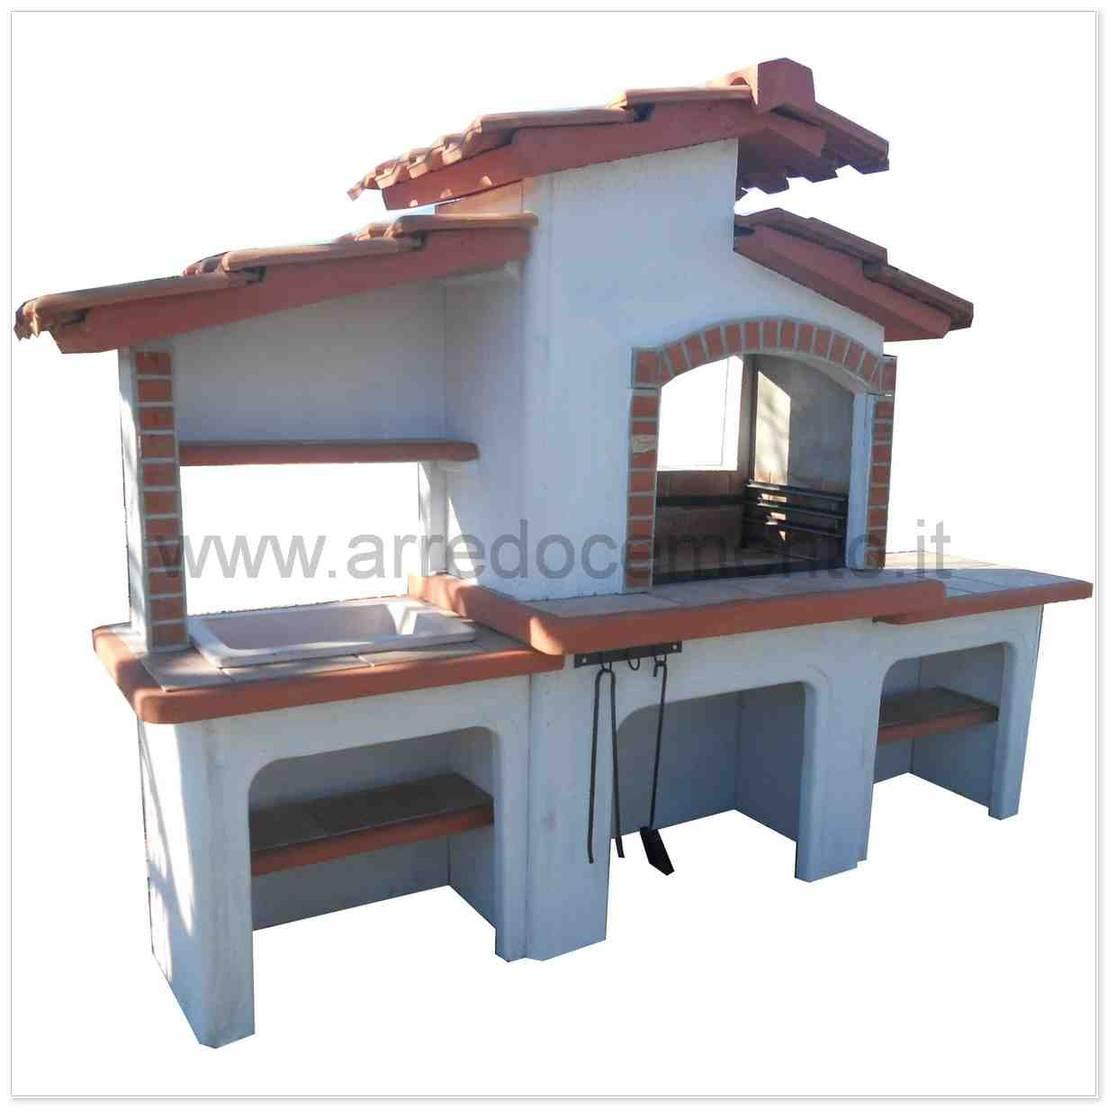 Forni e barbecue in muratura di arrecocemento homify - Barbecue a legna da esterno ...